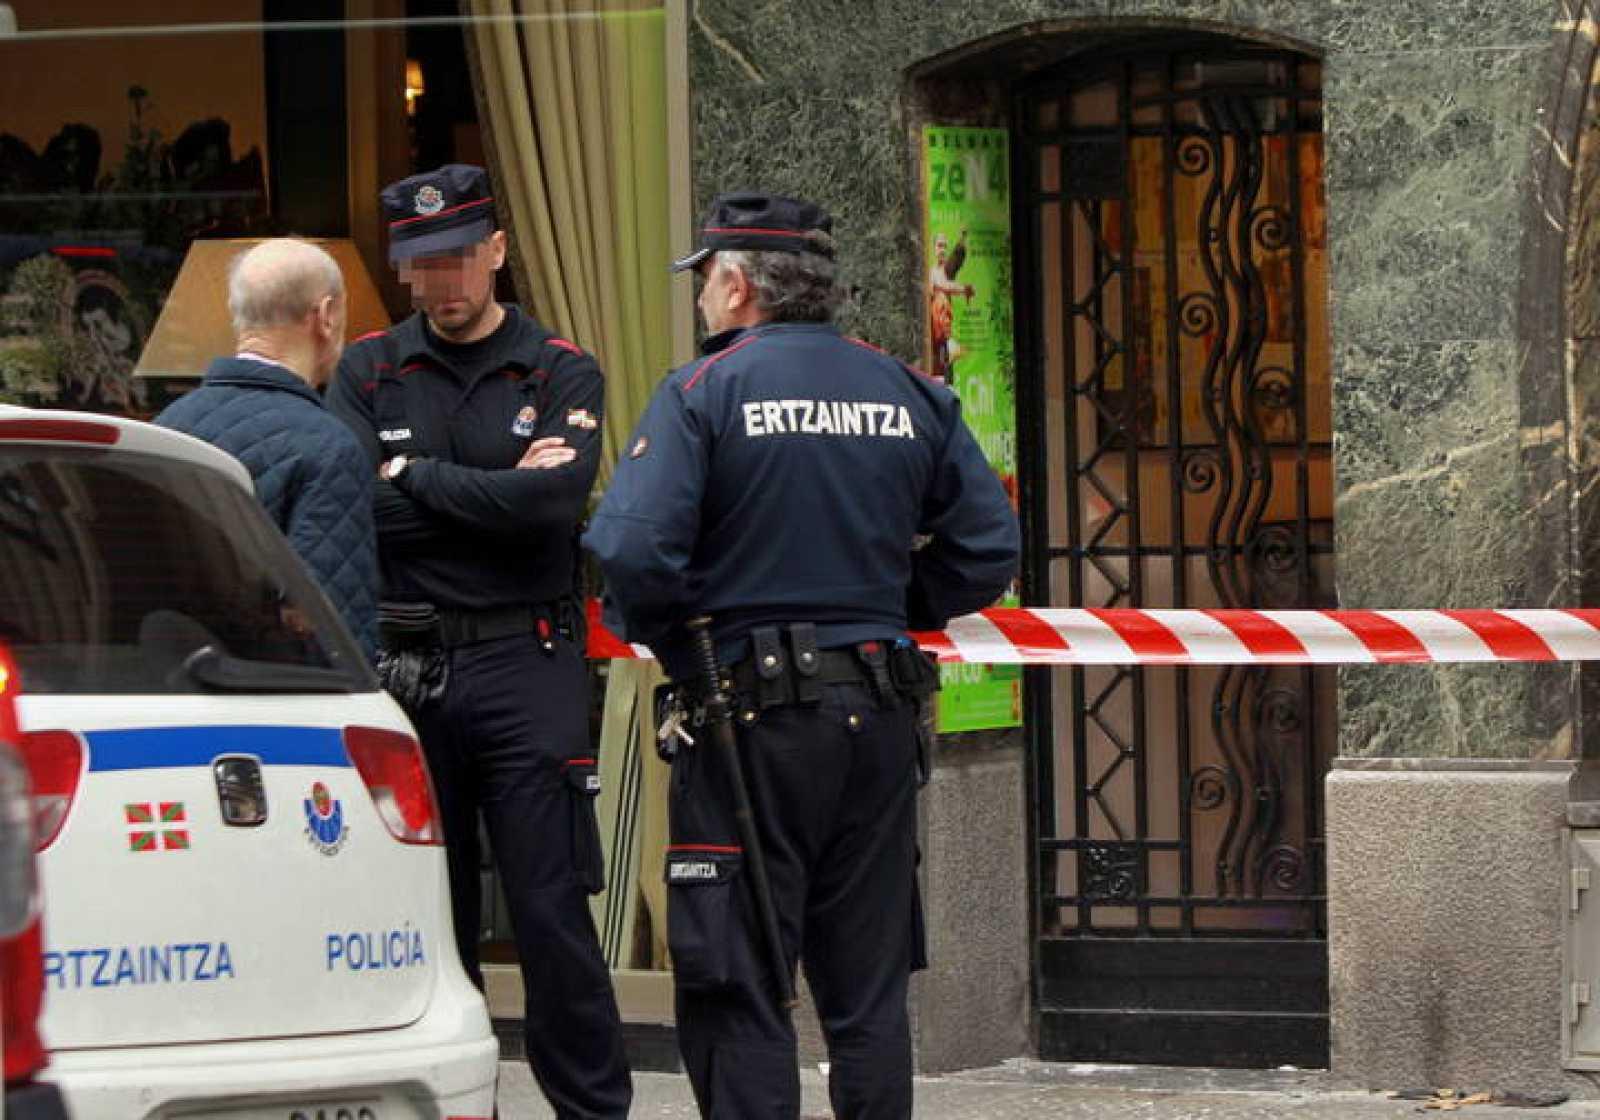 la Ertzaintza inspecciona el gimnasio de Bilbao cuyo dueño está acusado de dos asesinatos